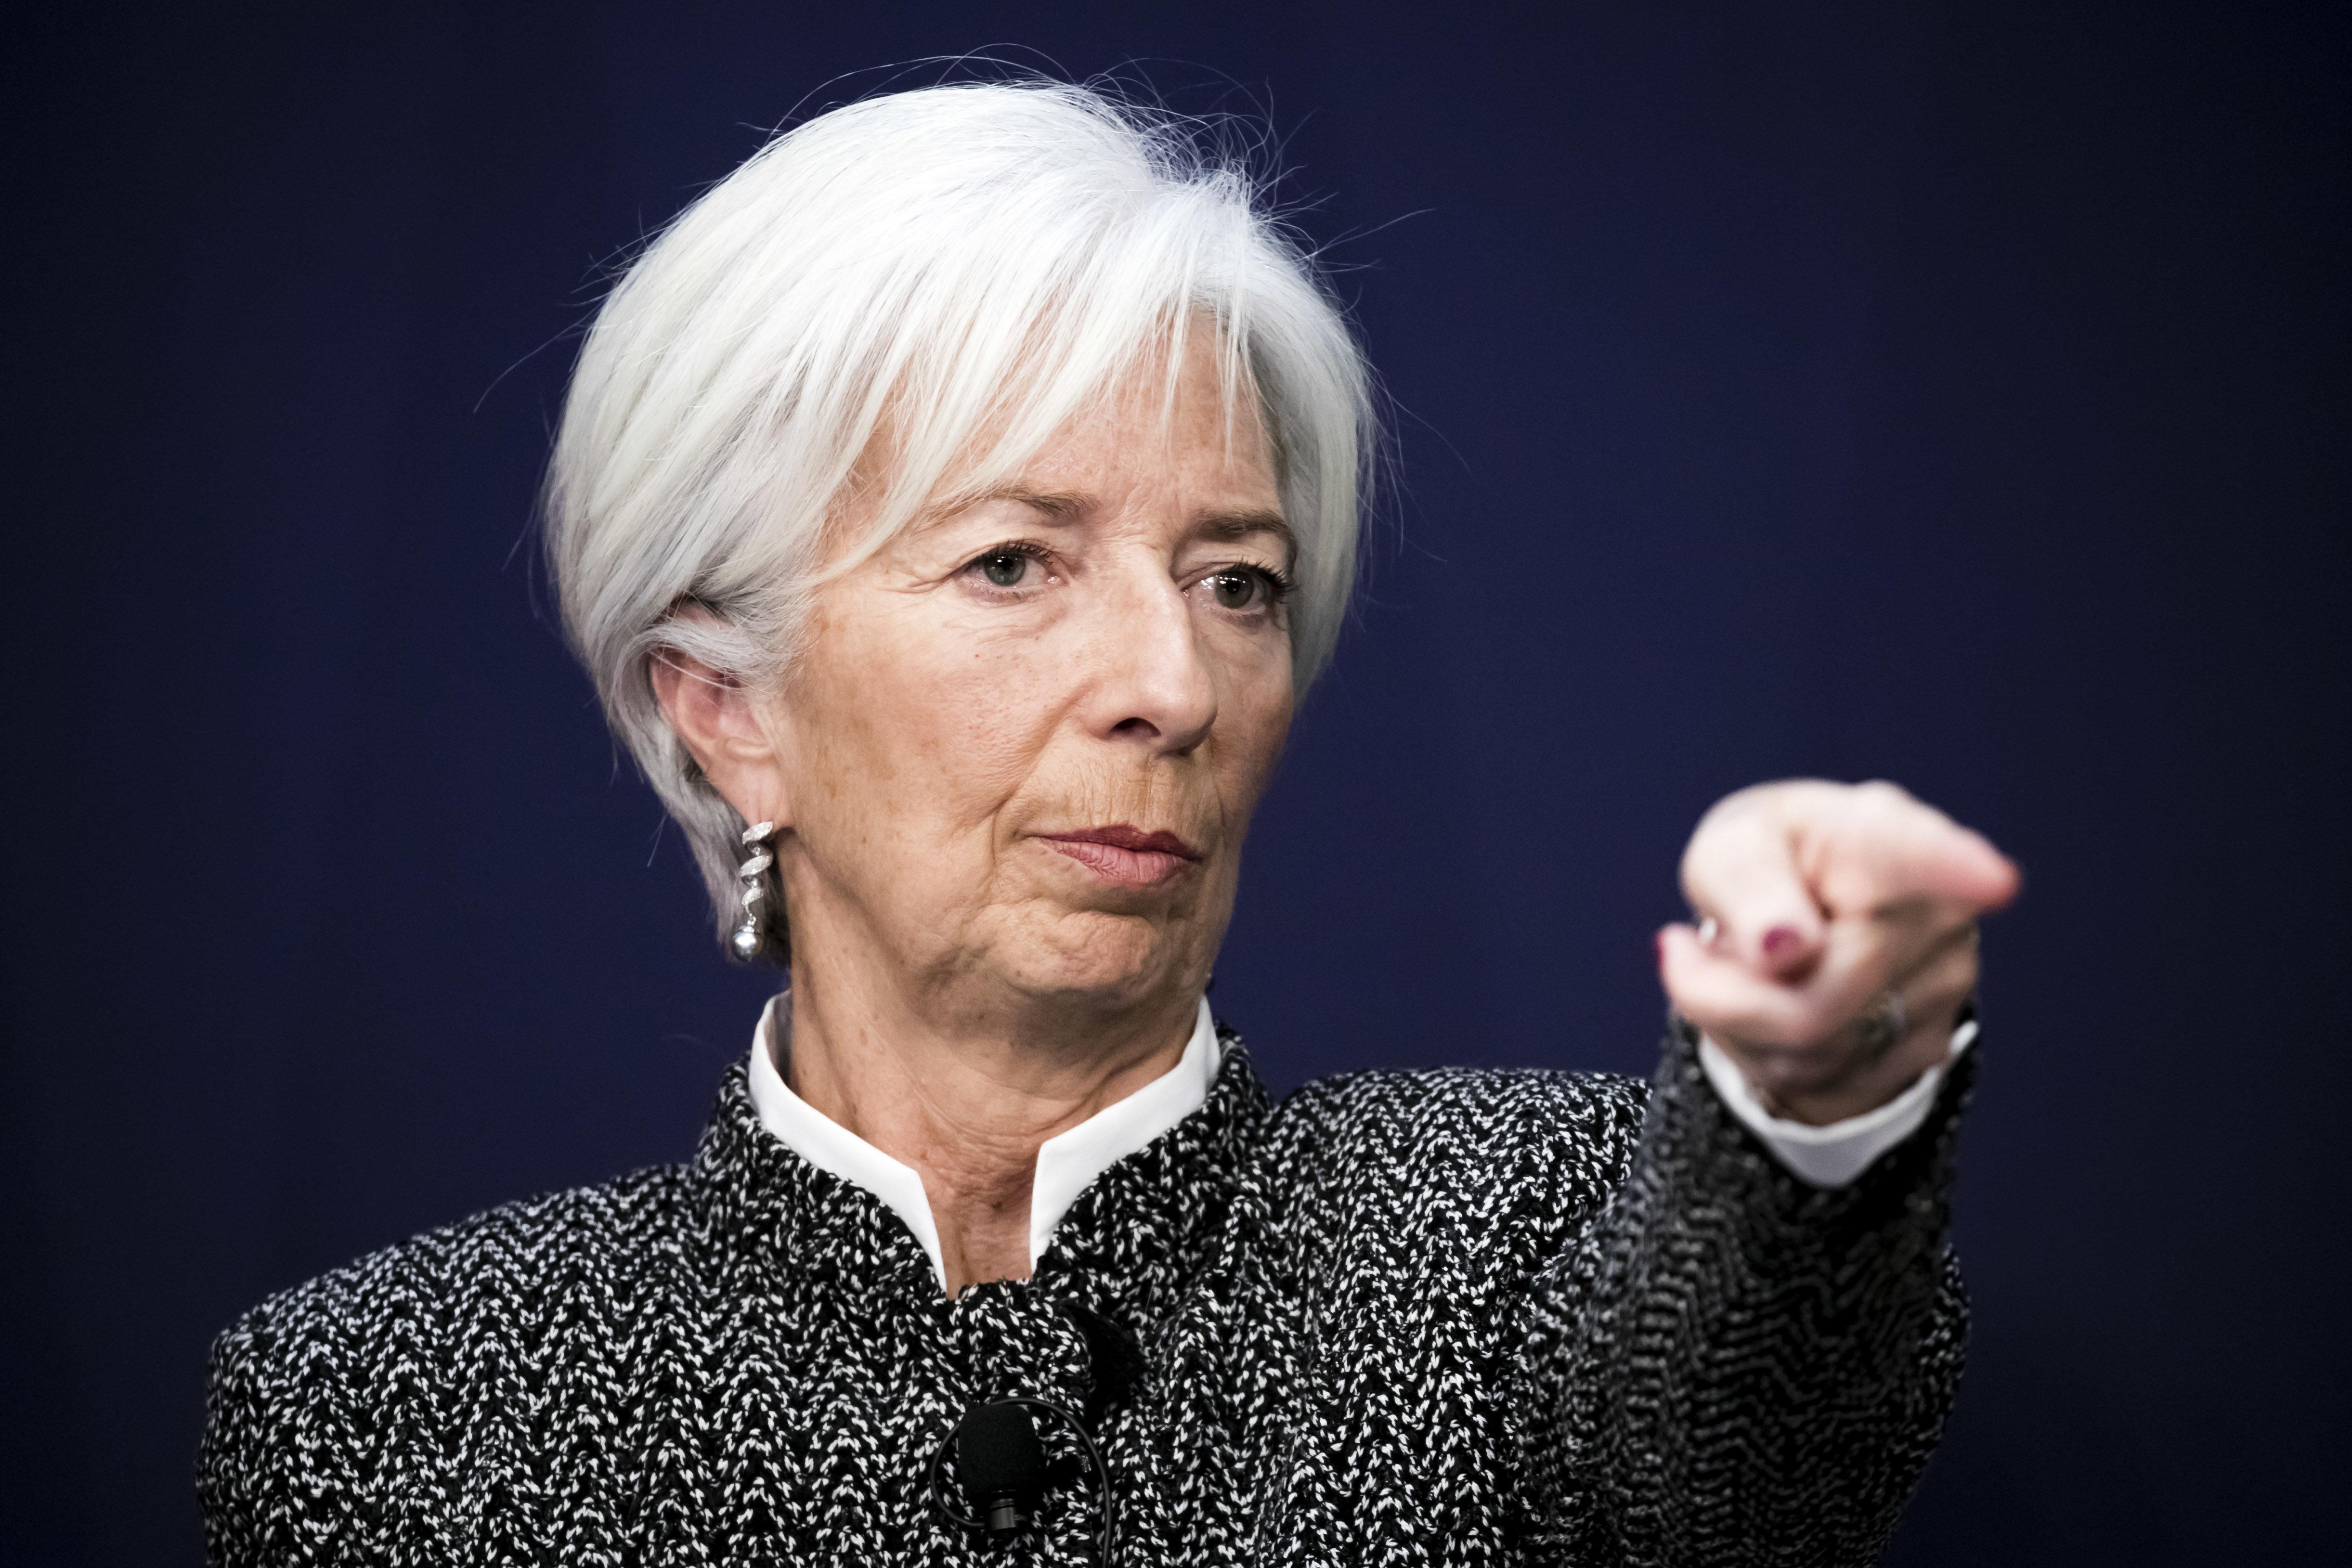 Οι κανόνες εμπλοκής του ΔΝΤ σε νέες διασώσεις χωρών (μεταξύ αυτών και της